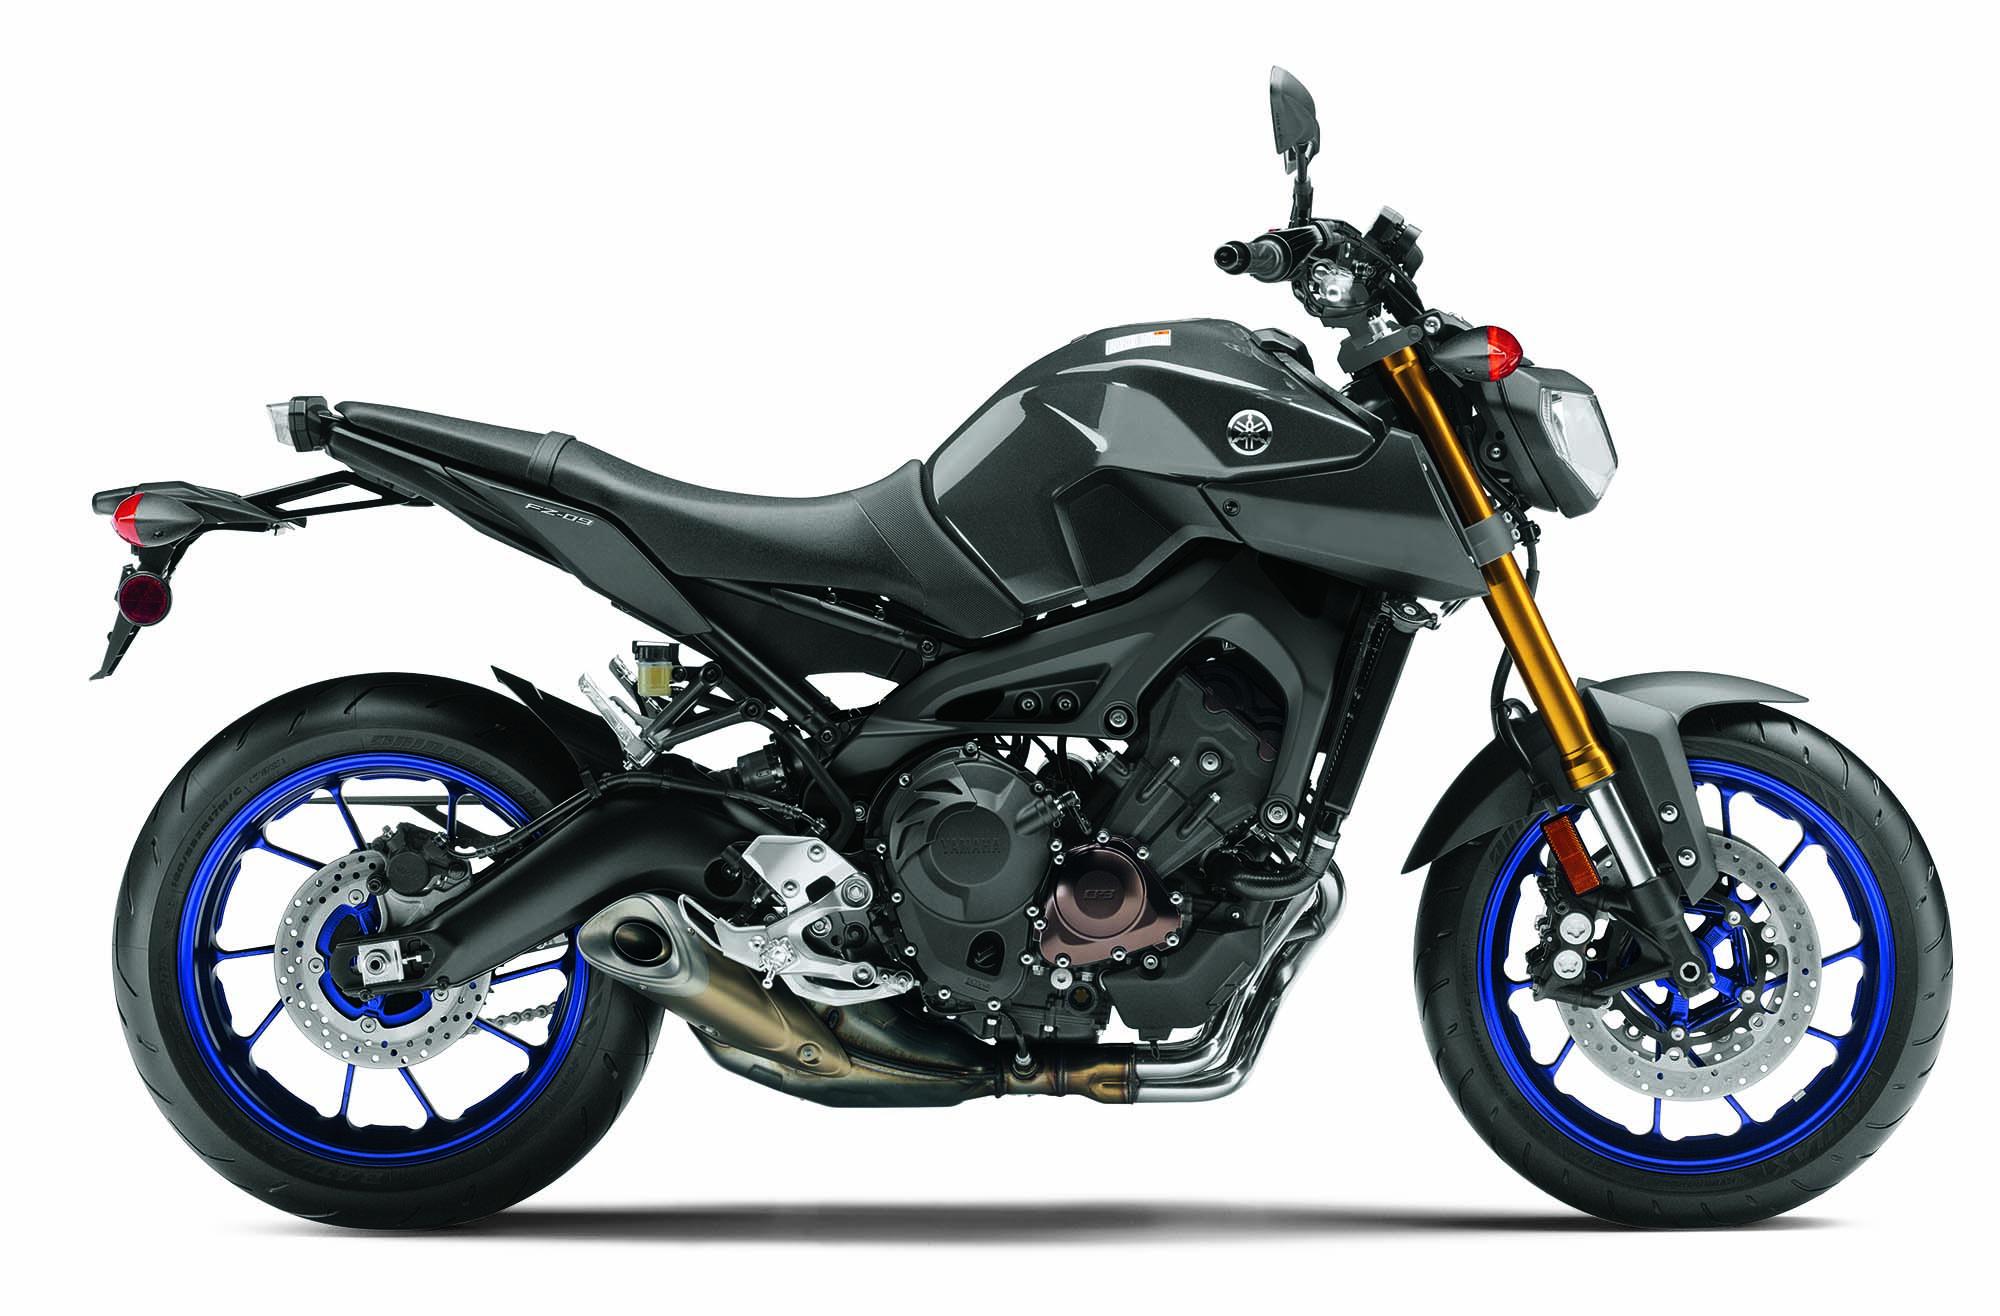 2014 Yamaha FZ-09 - Th...